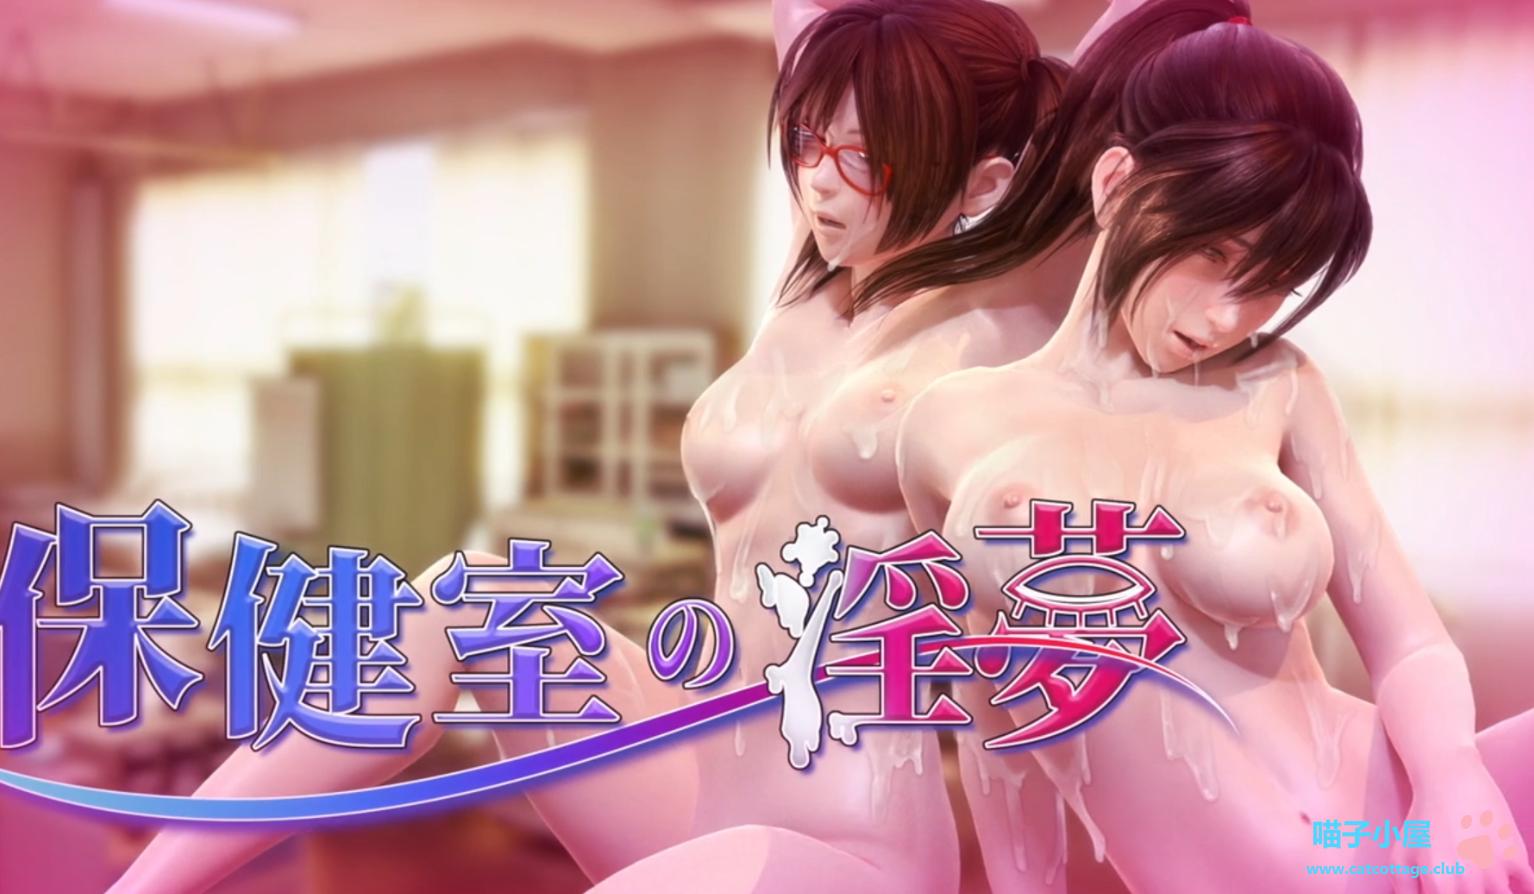 保健室の淫夢 Ver 1.00 [游戏+视频 pc 生肉]